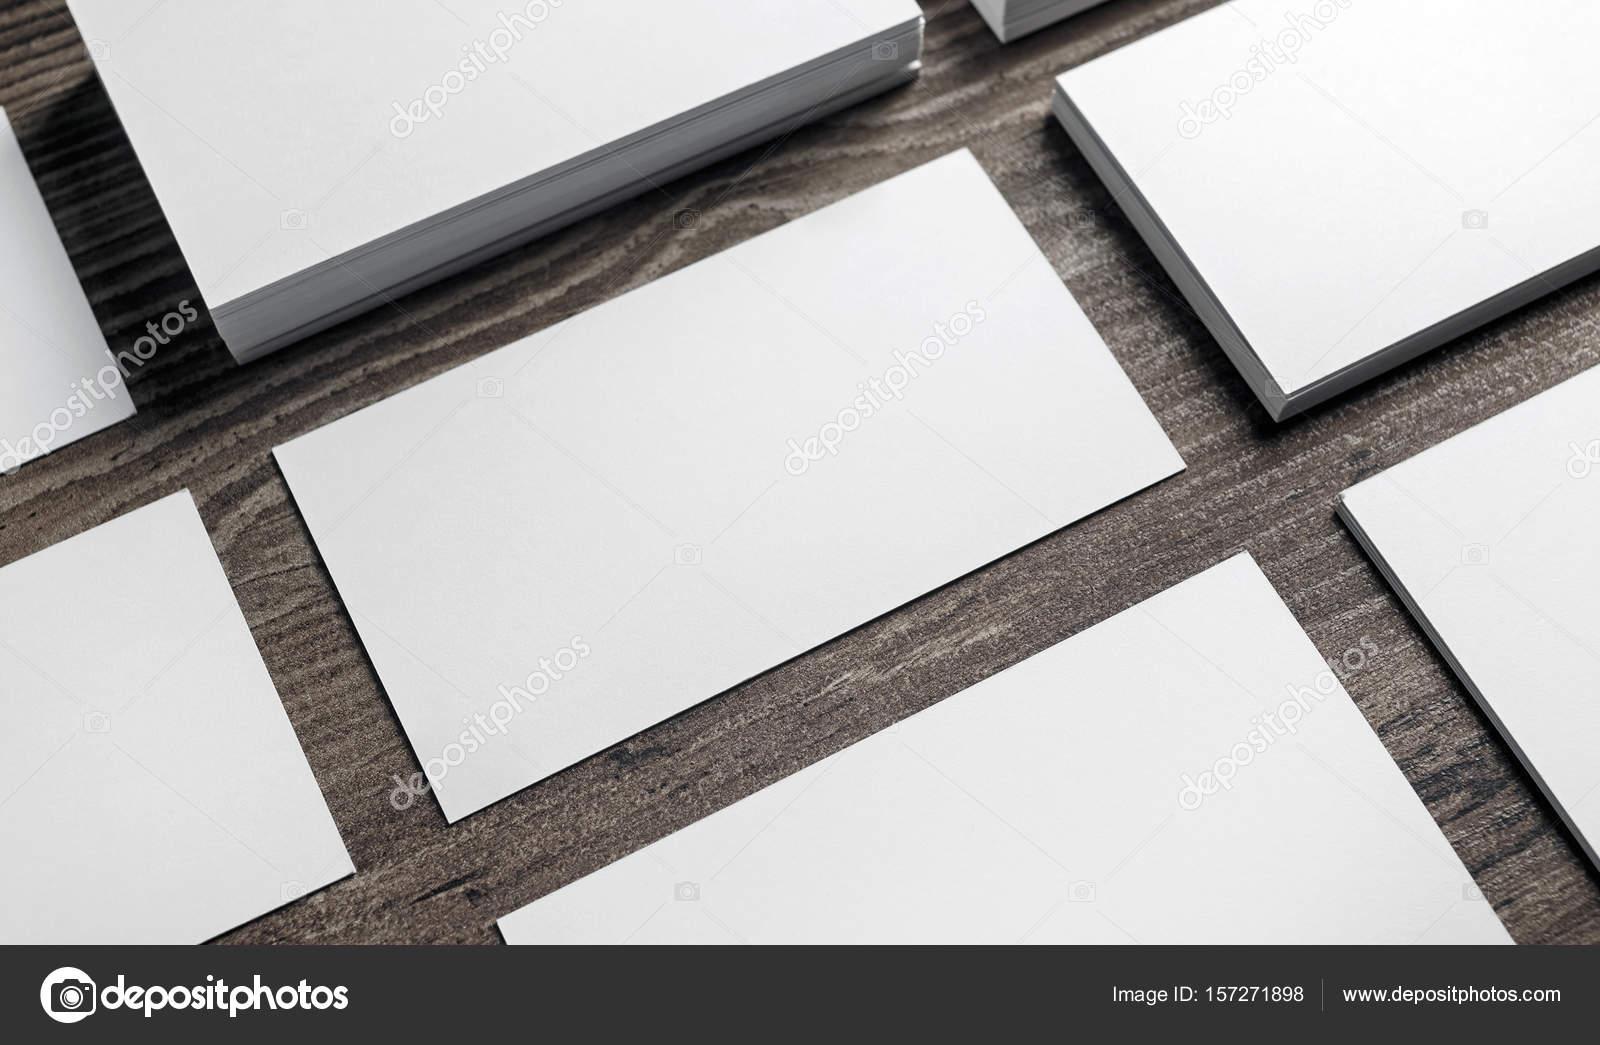 tarjetas en blanco — Fotos de Stock © Veresovich #157271898